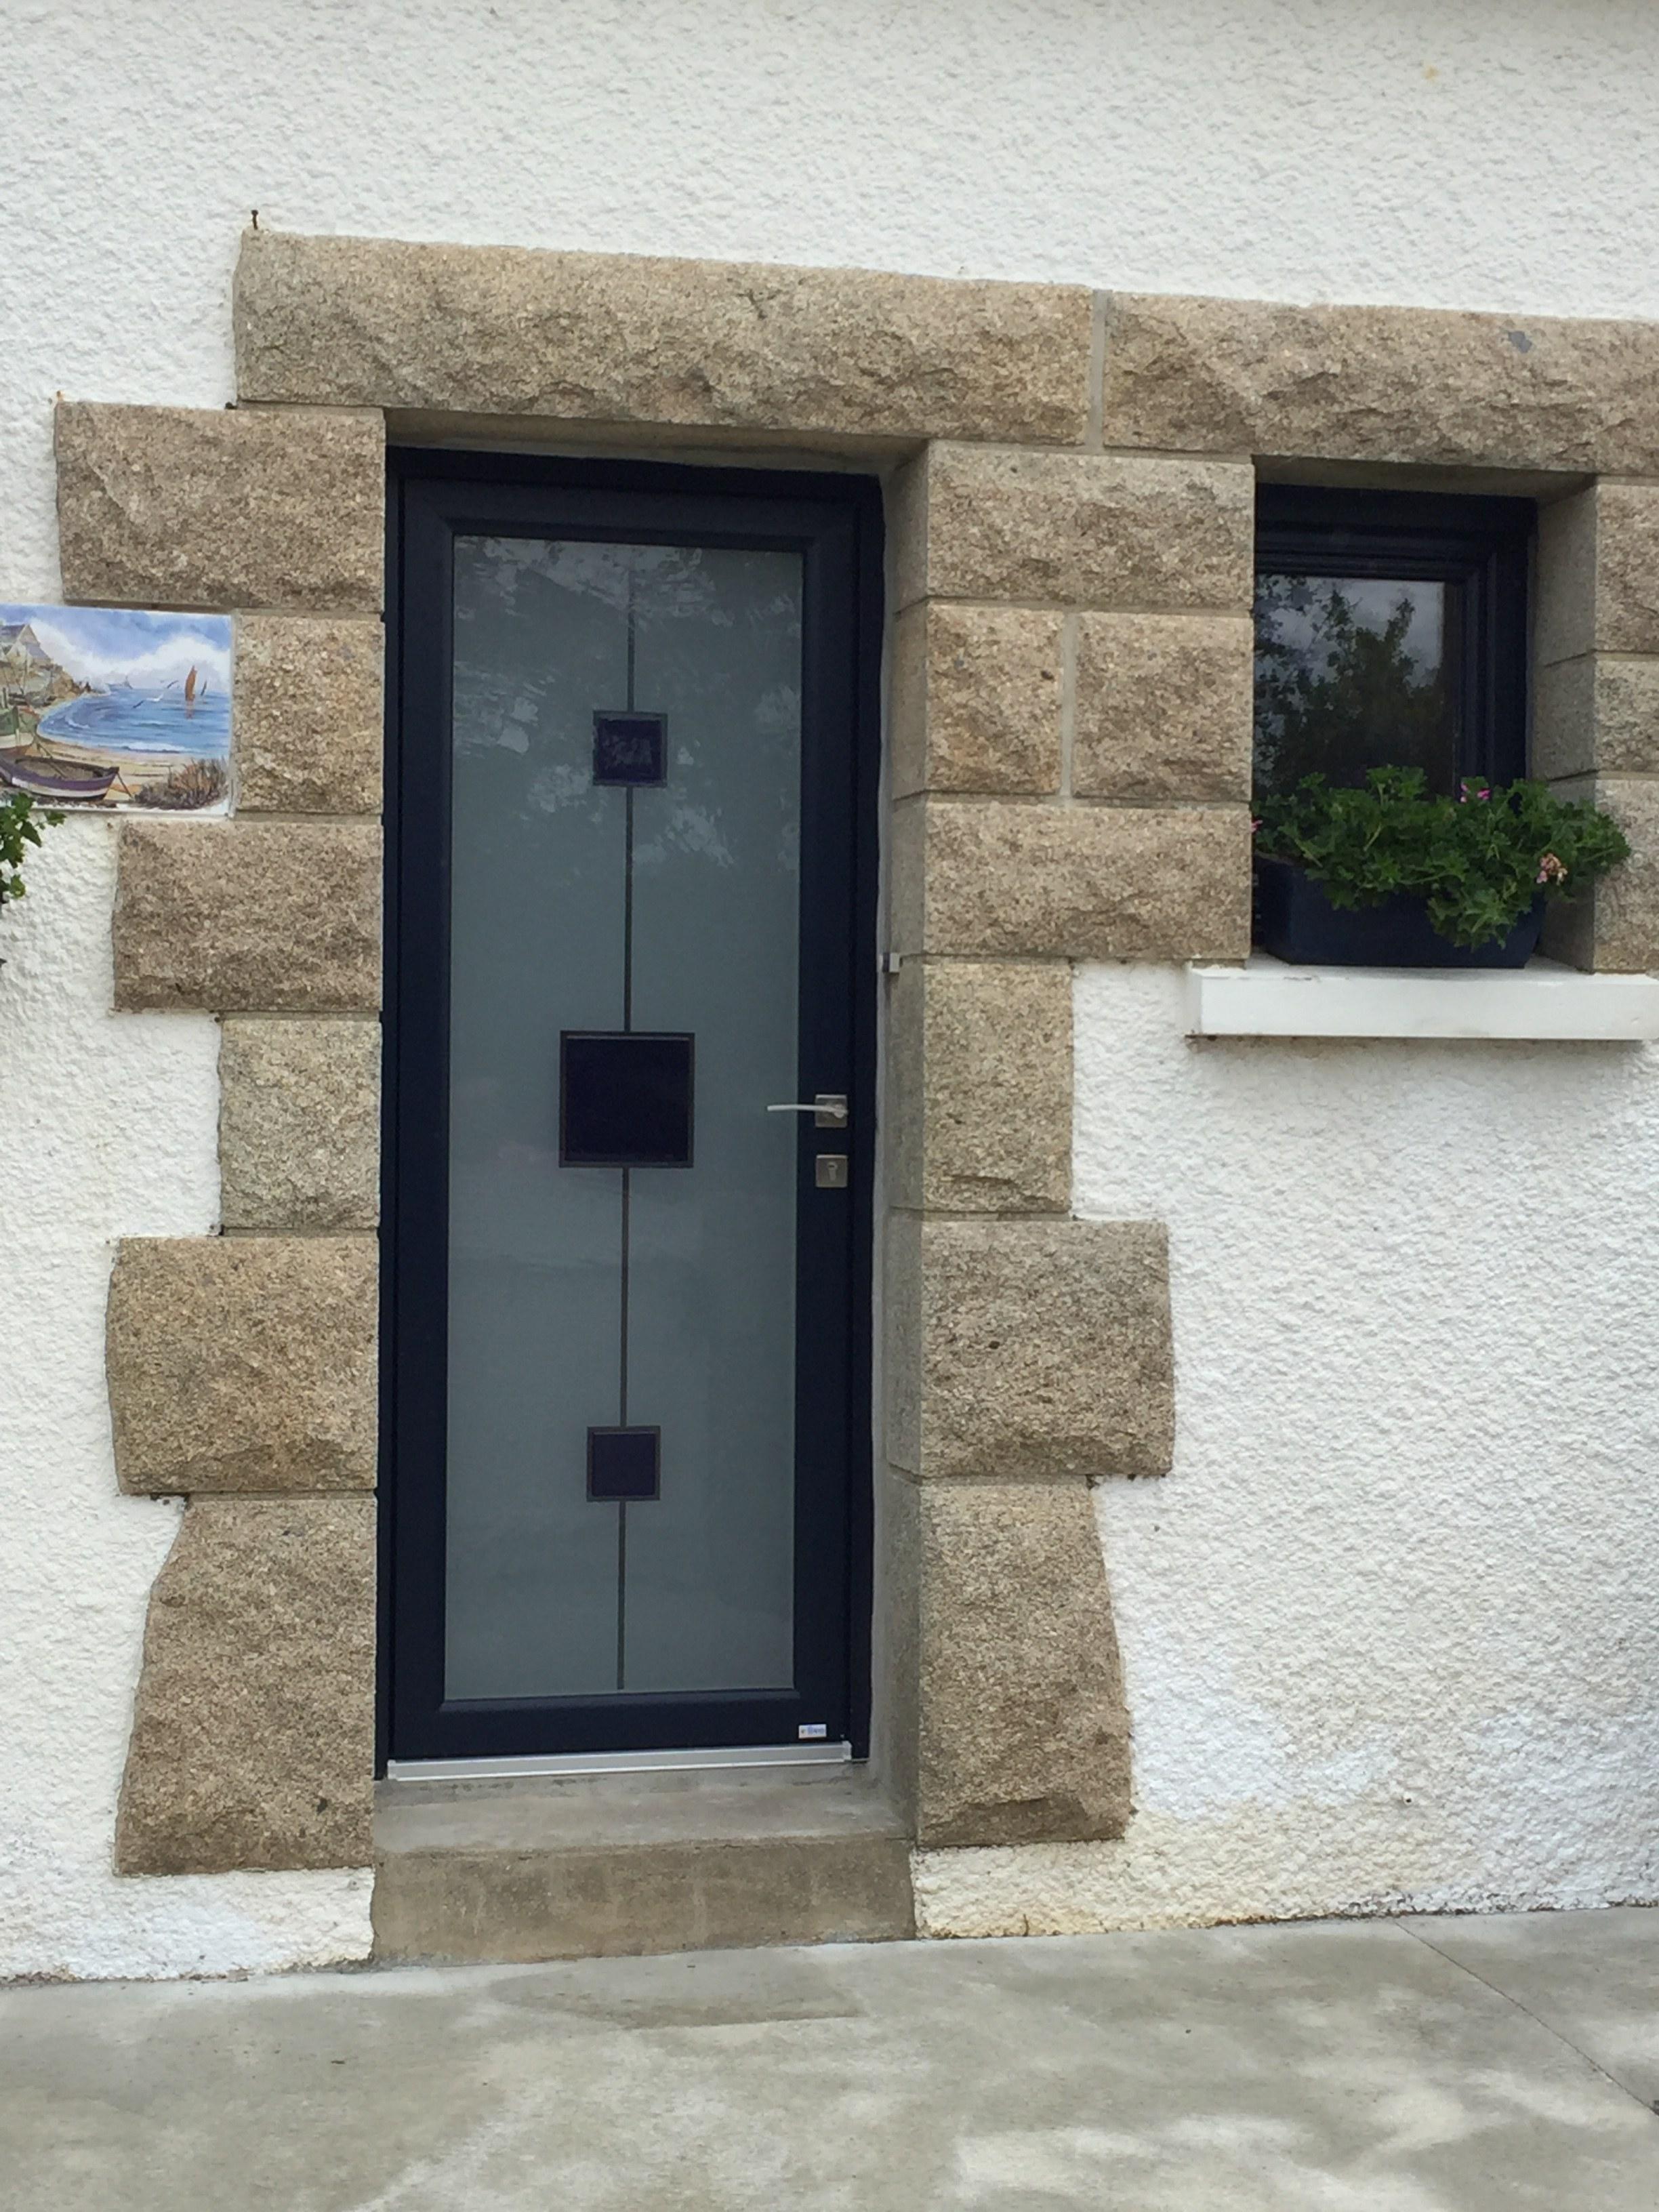 Porte d'entrée Direct Véranda (Direct Véranda) - Steenbecque 59189